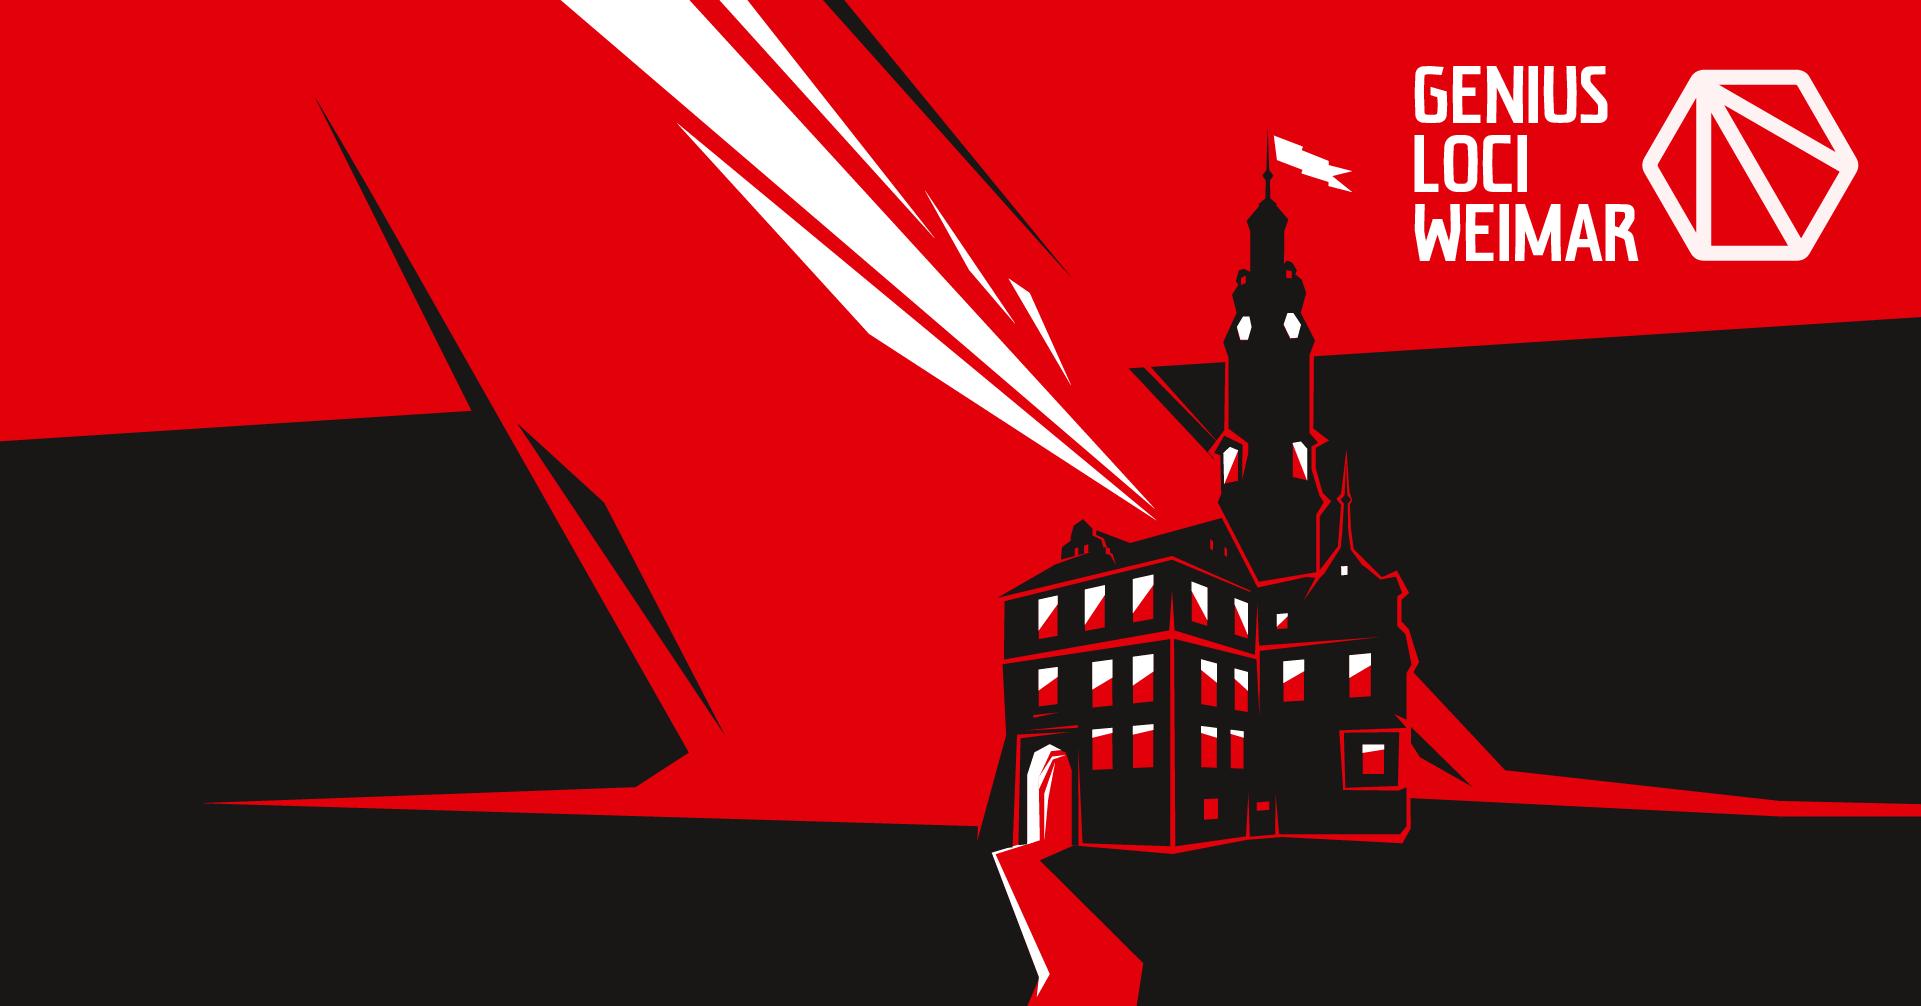 10. Genius Loci Weimar Festival 2021